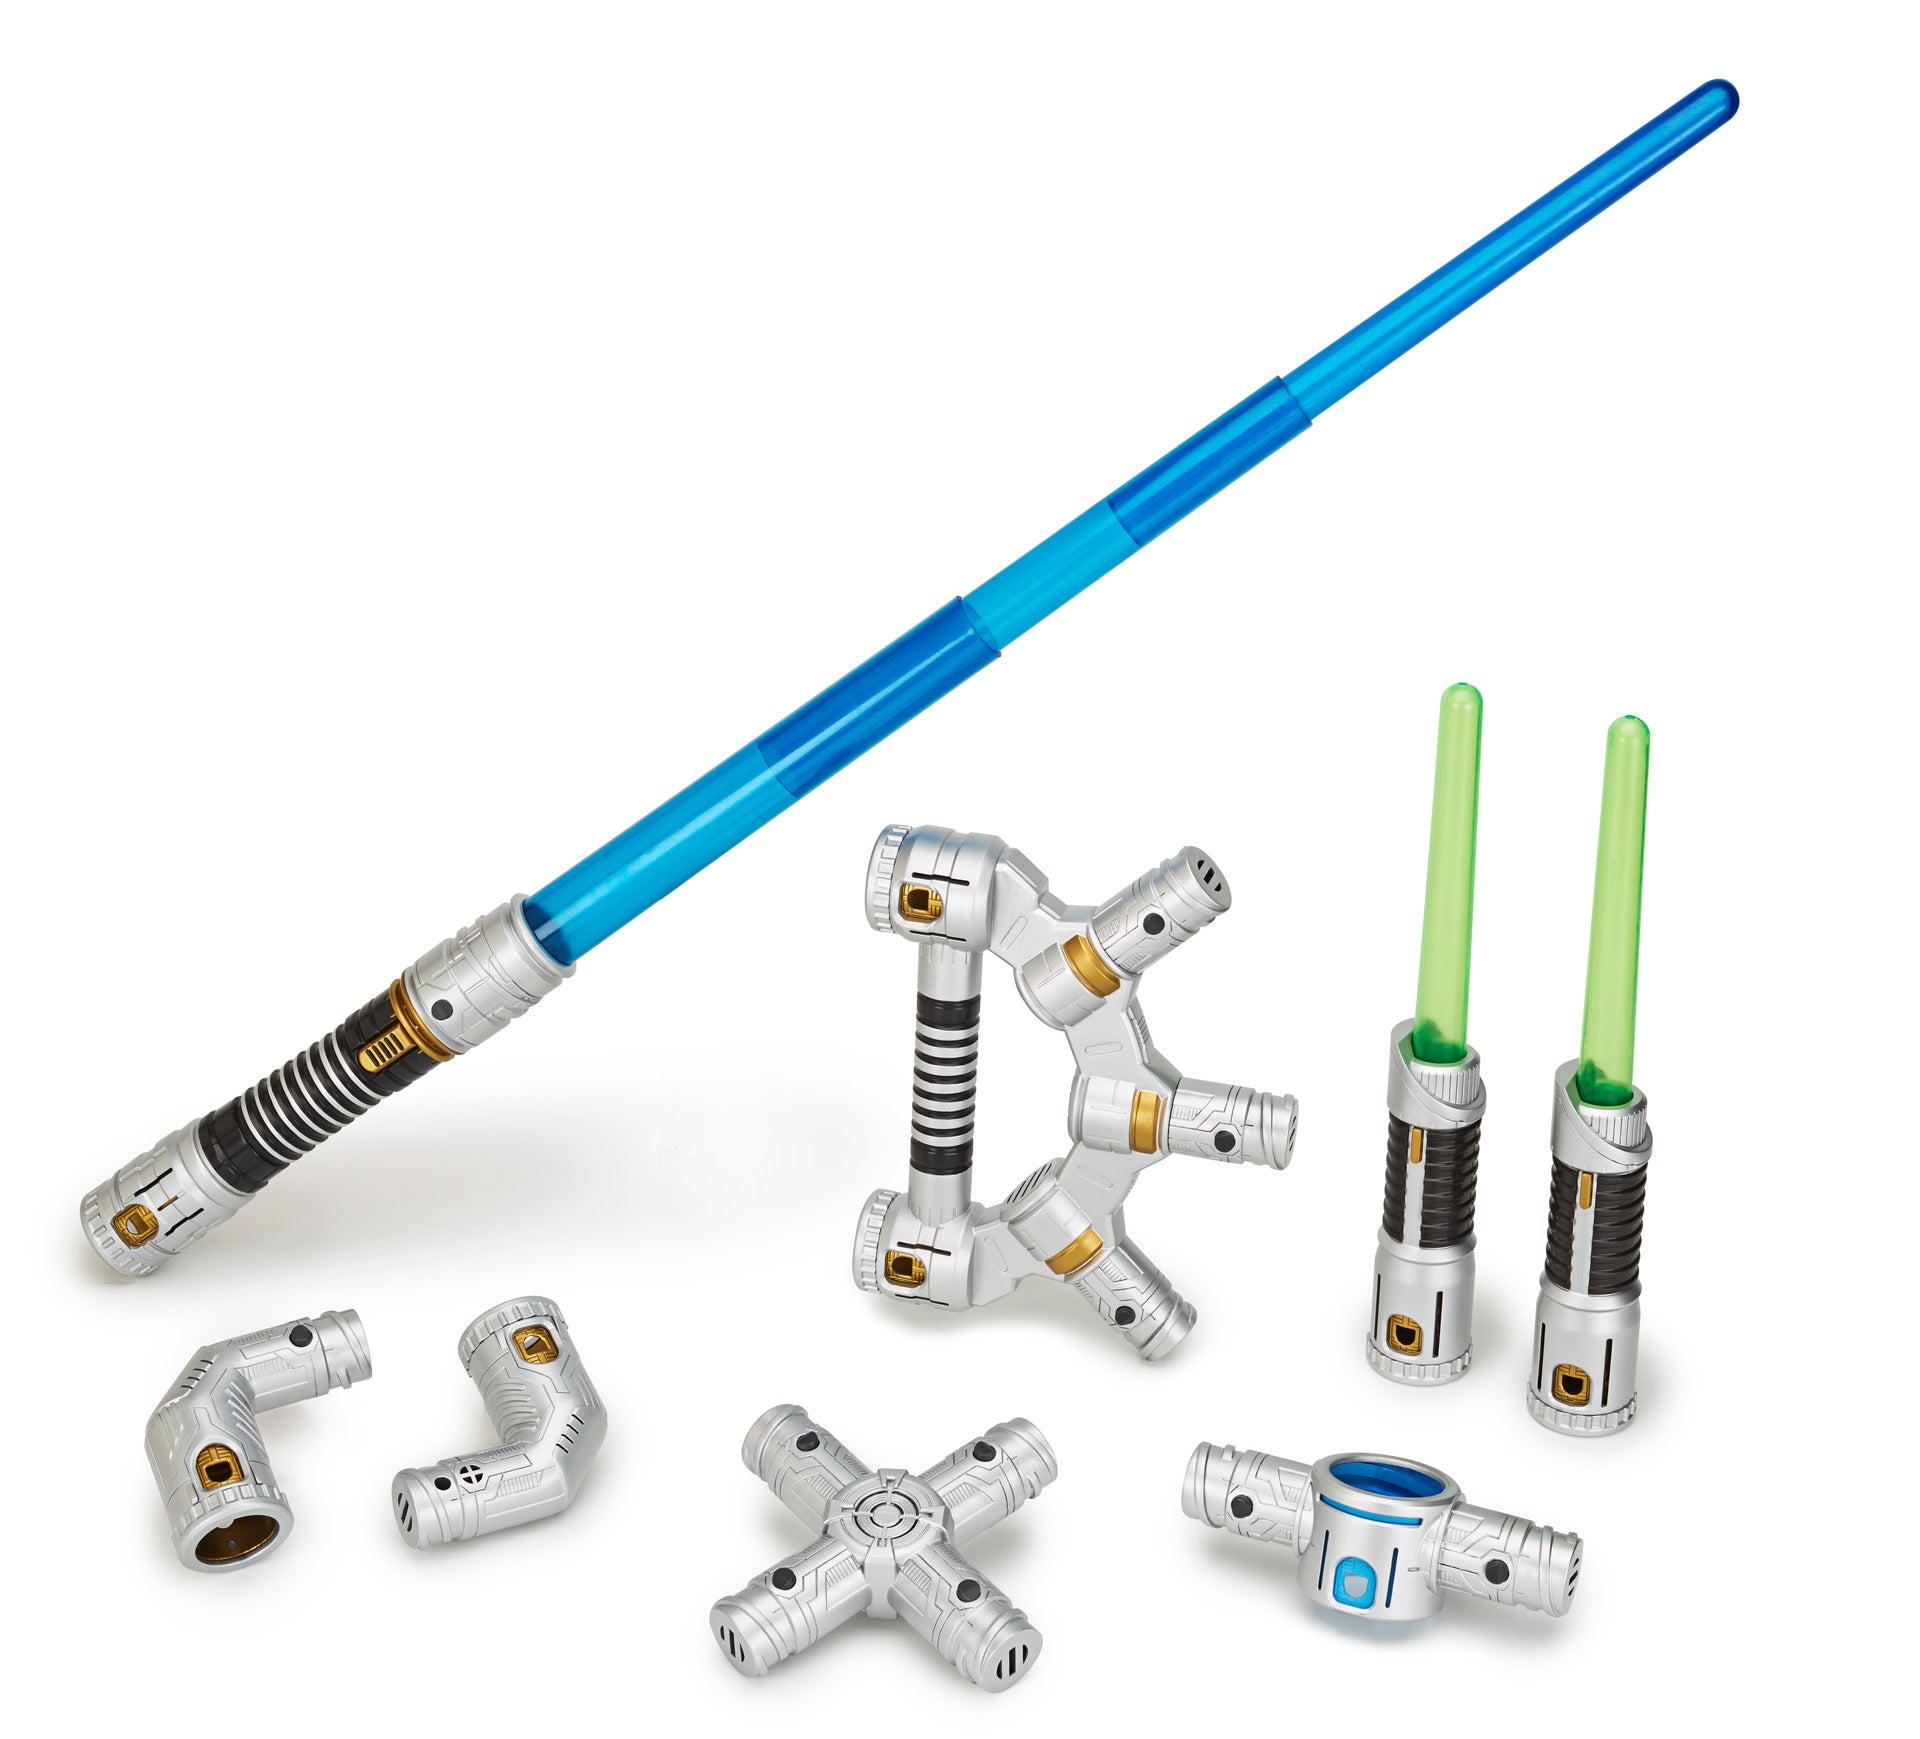 Star Wars Bladebuilders Let You Craft Your Own Impractical Lightsaber